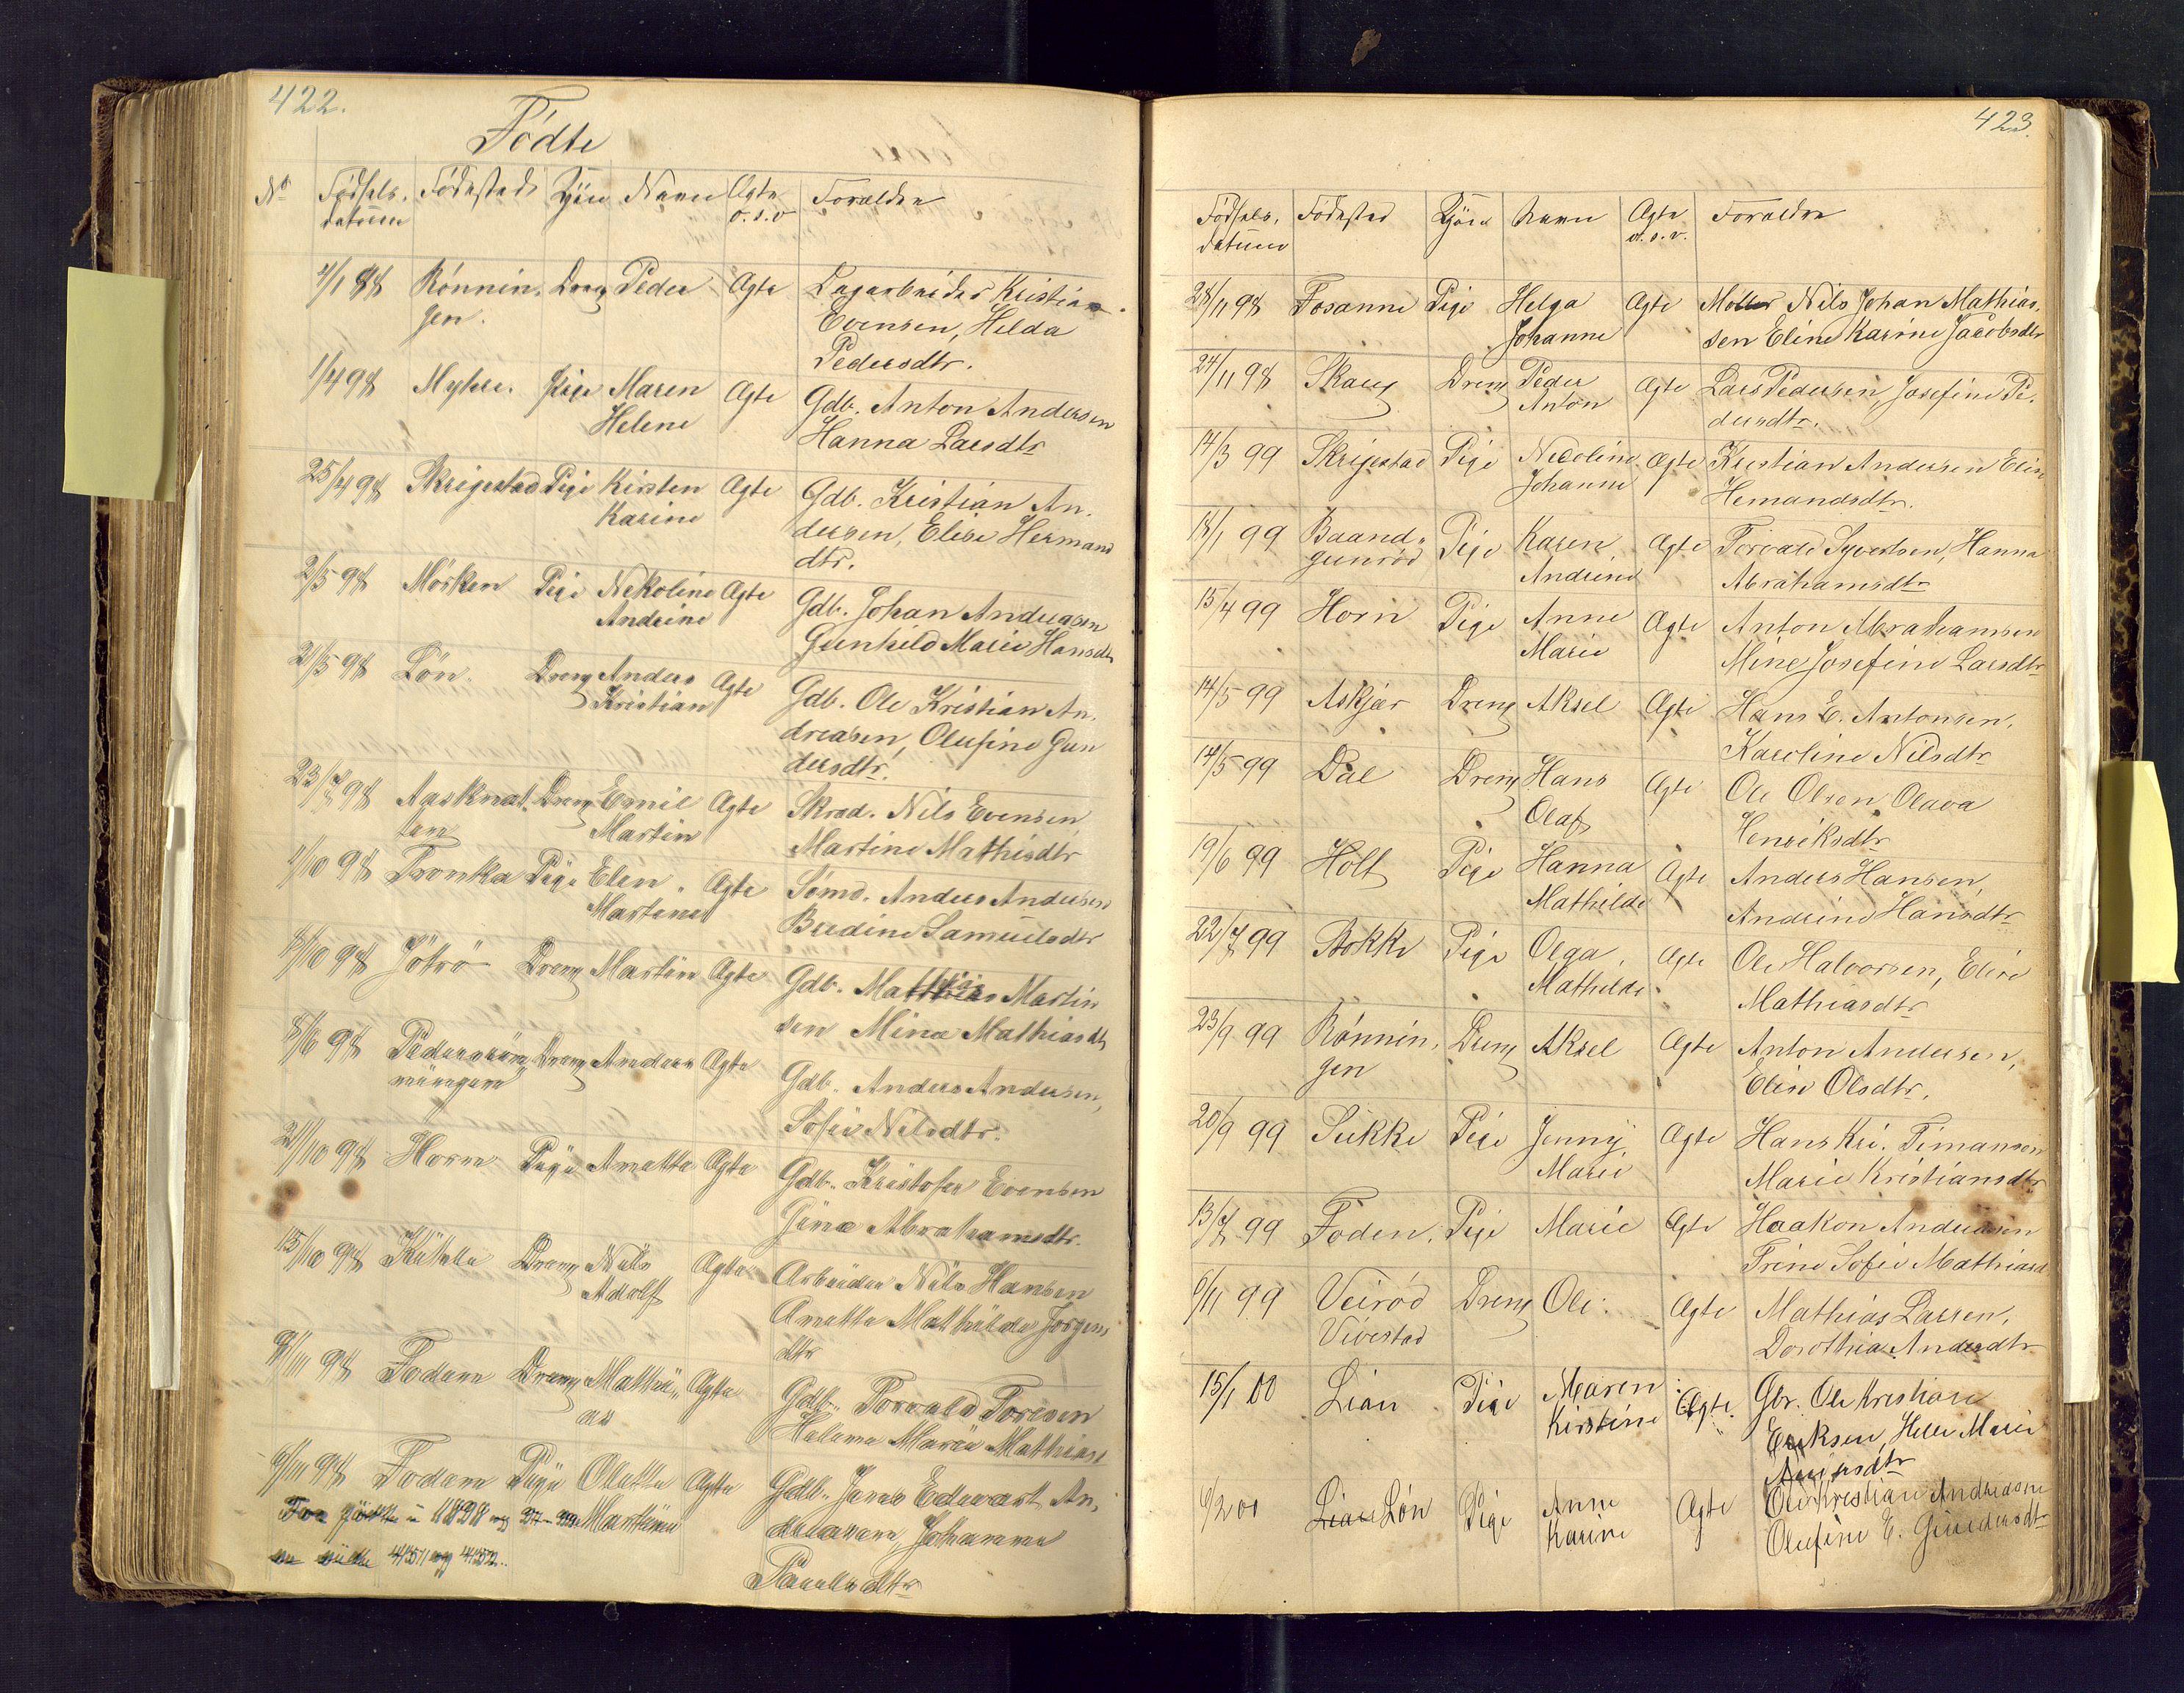 SAKO, Den evangelisk lutherske frimenighet i Jarlsbergs grevskap med flere steder, F/Fa/L0001: Dissenter register no. Fa/L0001, 1872-1925, p. 422-423